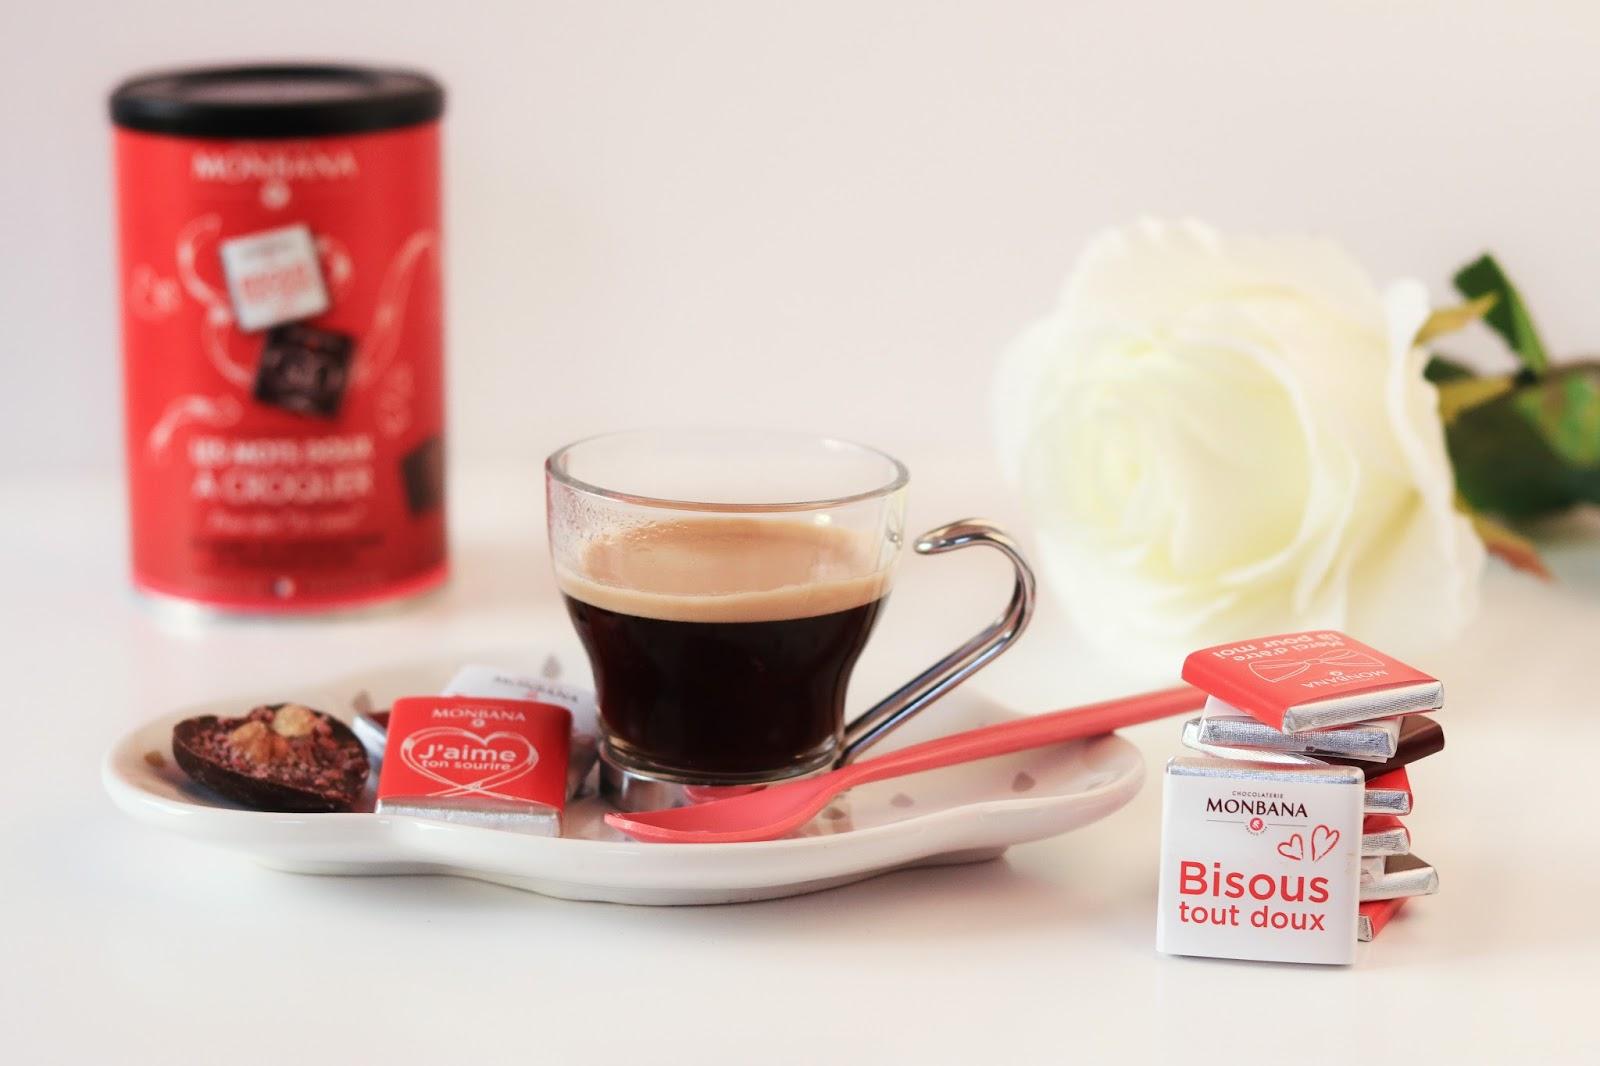 les gommettes de melo chocolats monbana avis coffret saint valentin café